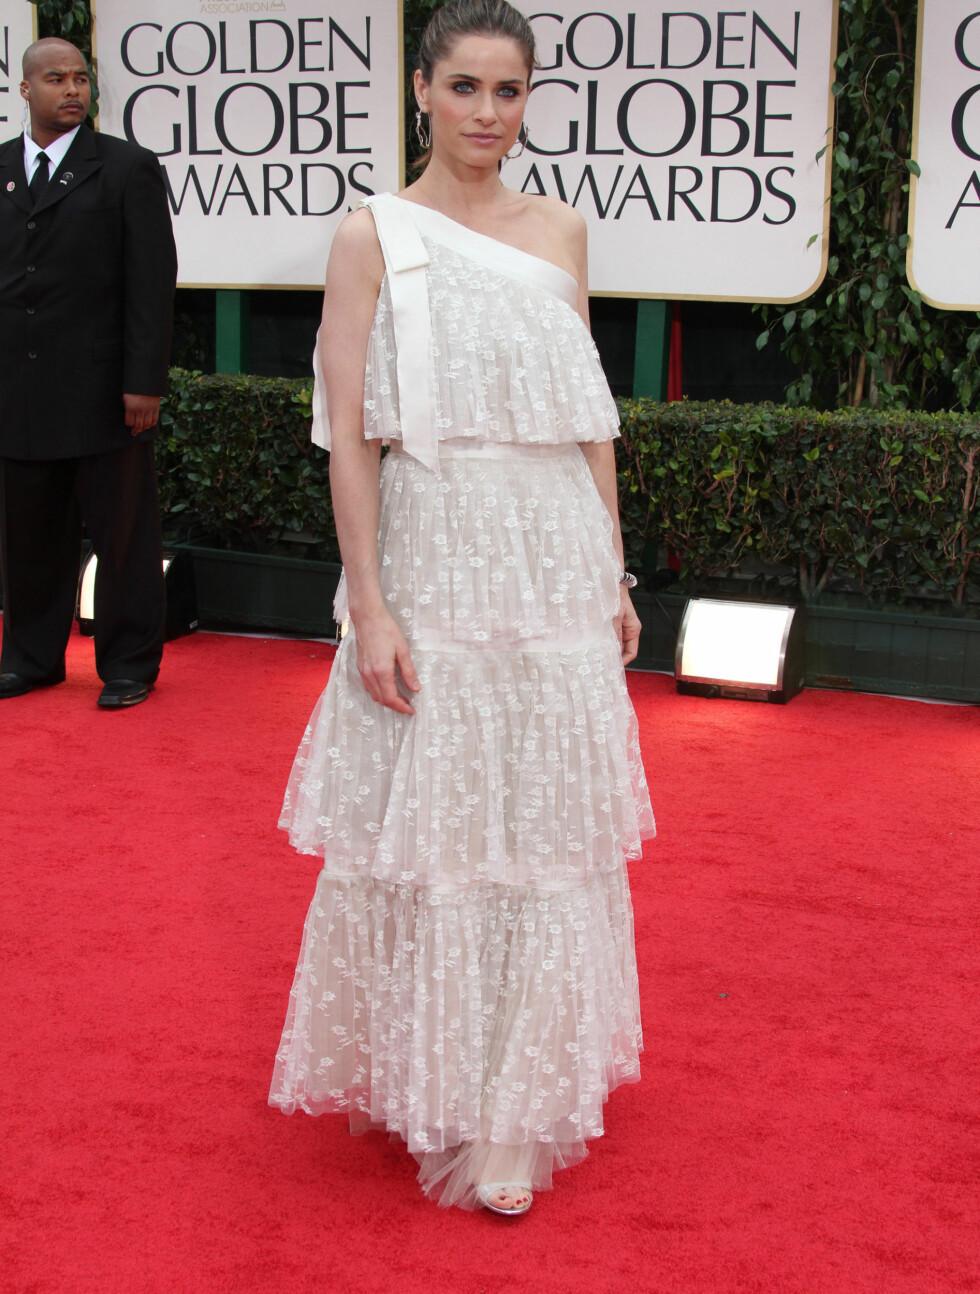 ROMANTISK: Amanda Peet valgte en hvit kjole i romantisk blondestil.  Foto: Stella Pictures